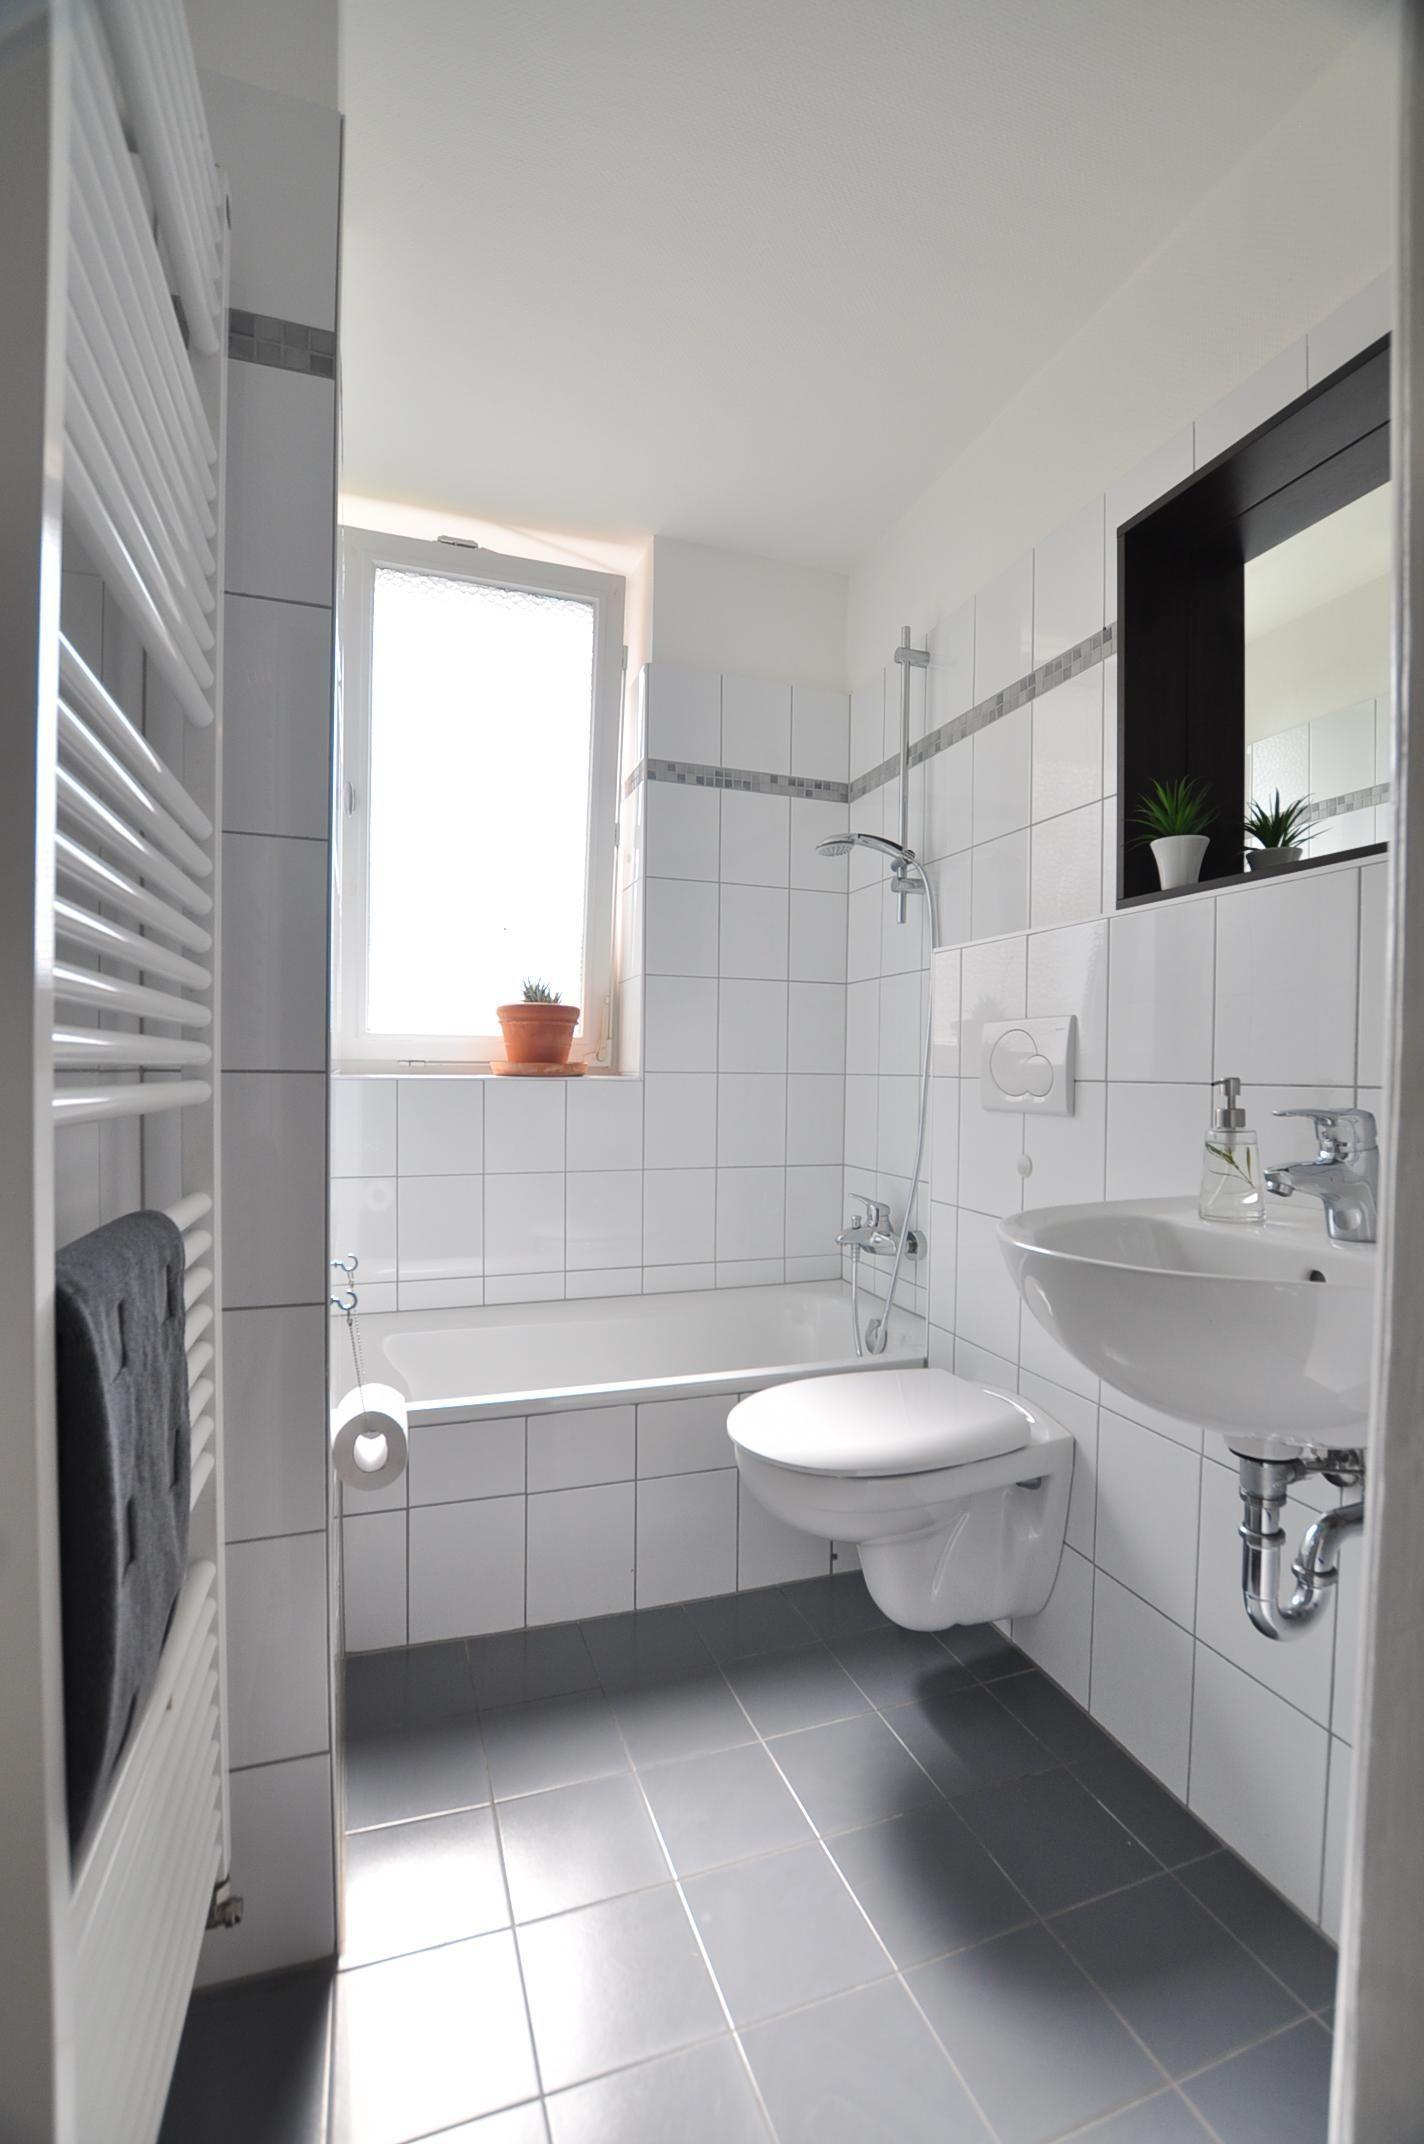 Ding Alles Badezimmer Weisse Fliesen Ideen Inspirations Und Dekorationsideen Badezimmerschrank Bathroom Vanity Vanity Double Vanity